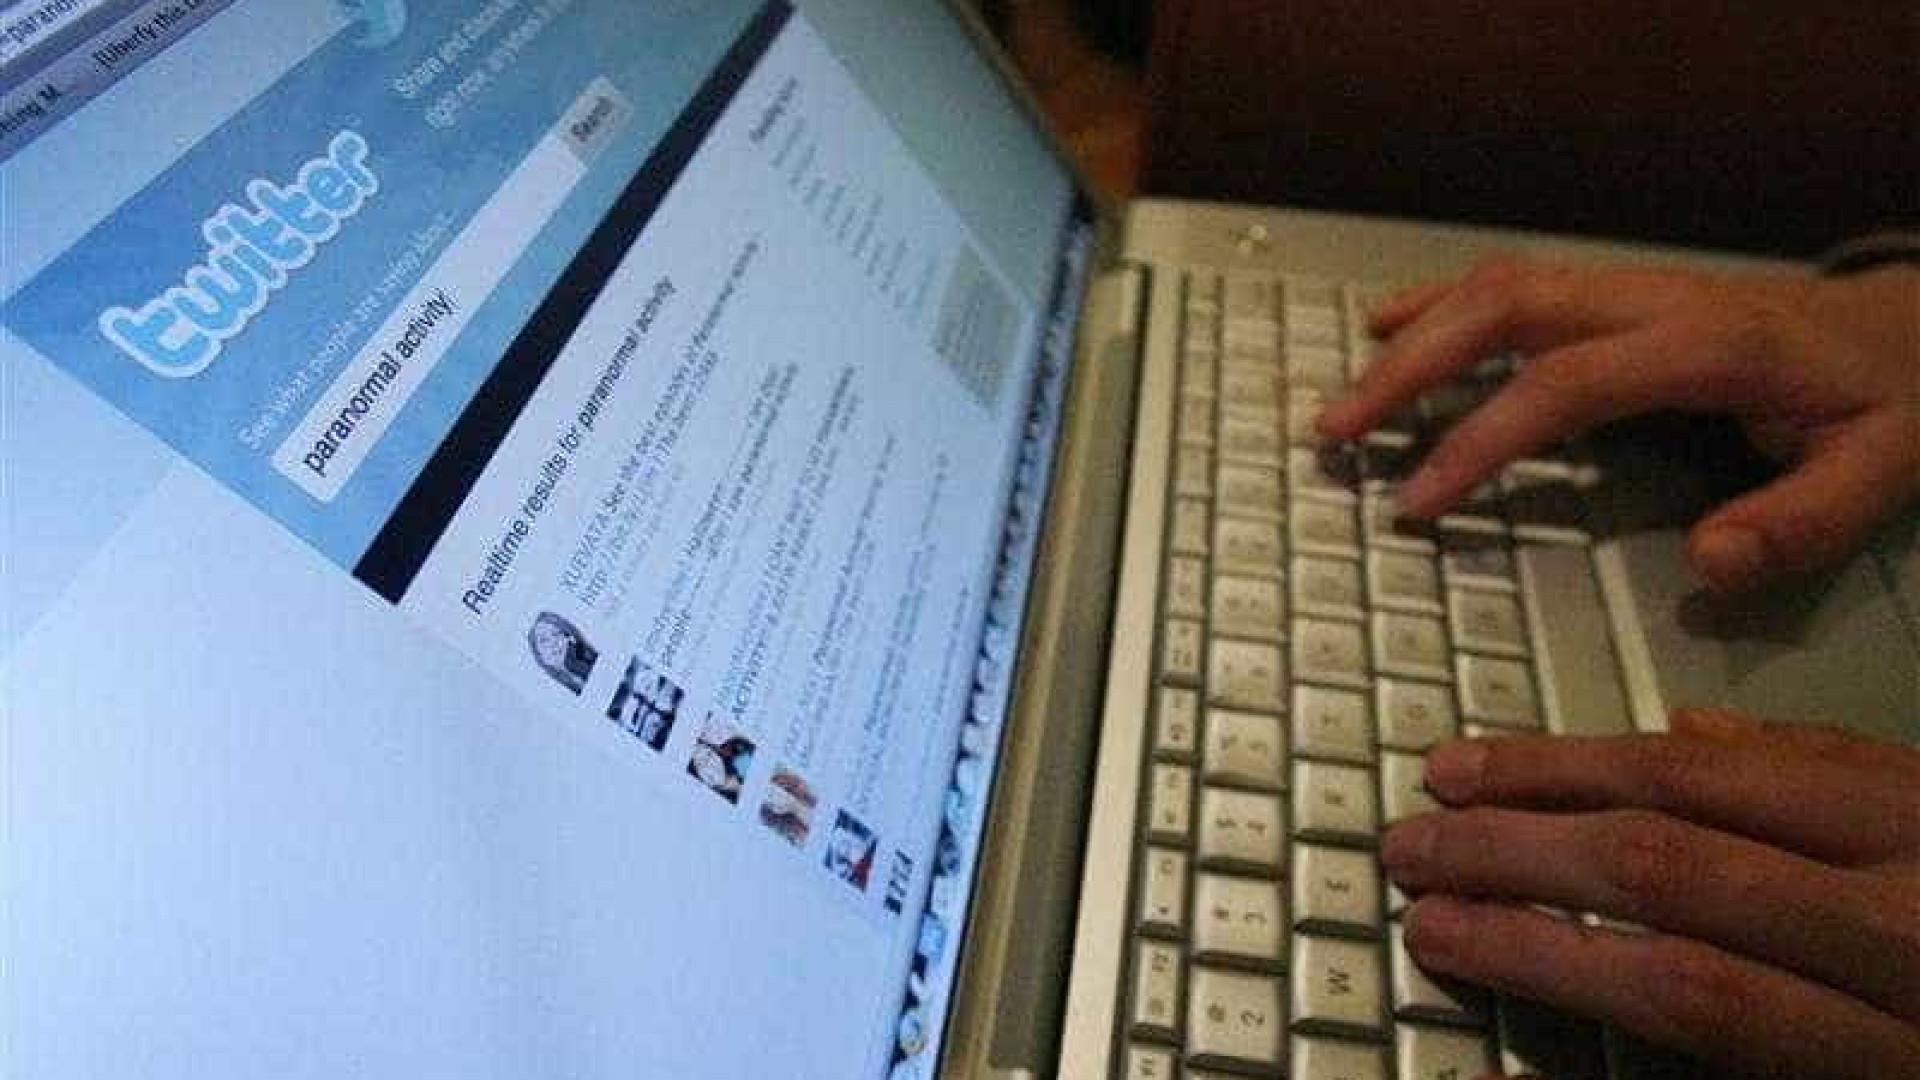 Falsos perfis nas redes sociais são maior perigo para os jovens